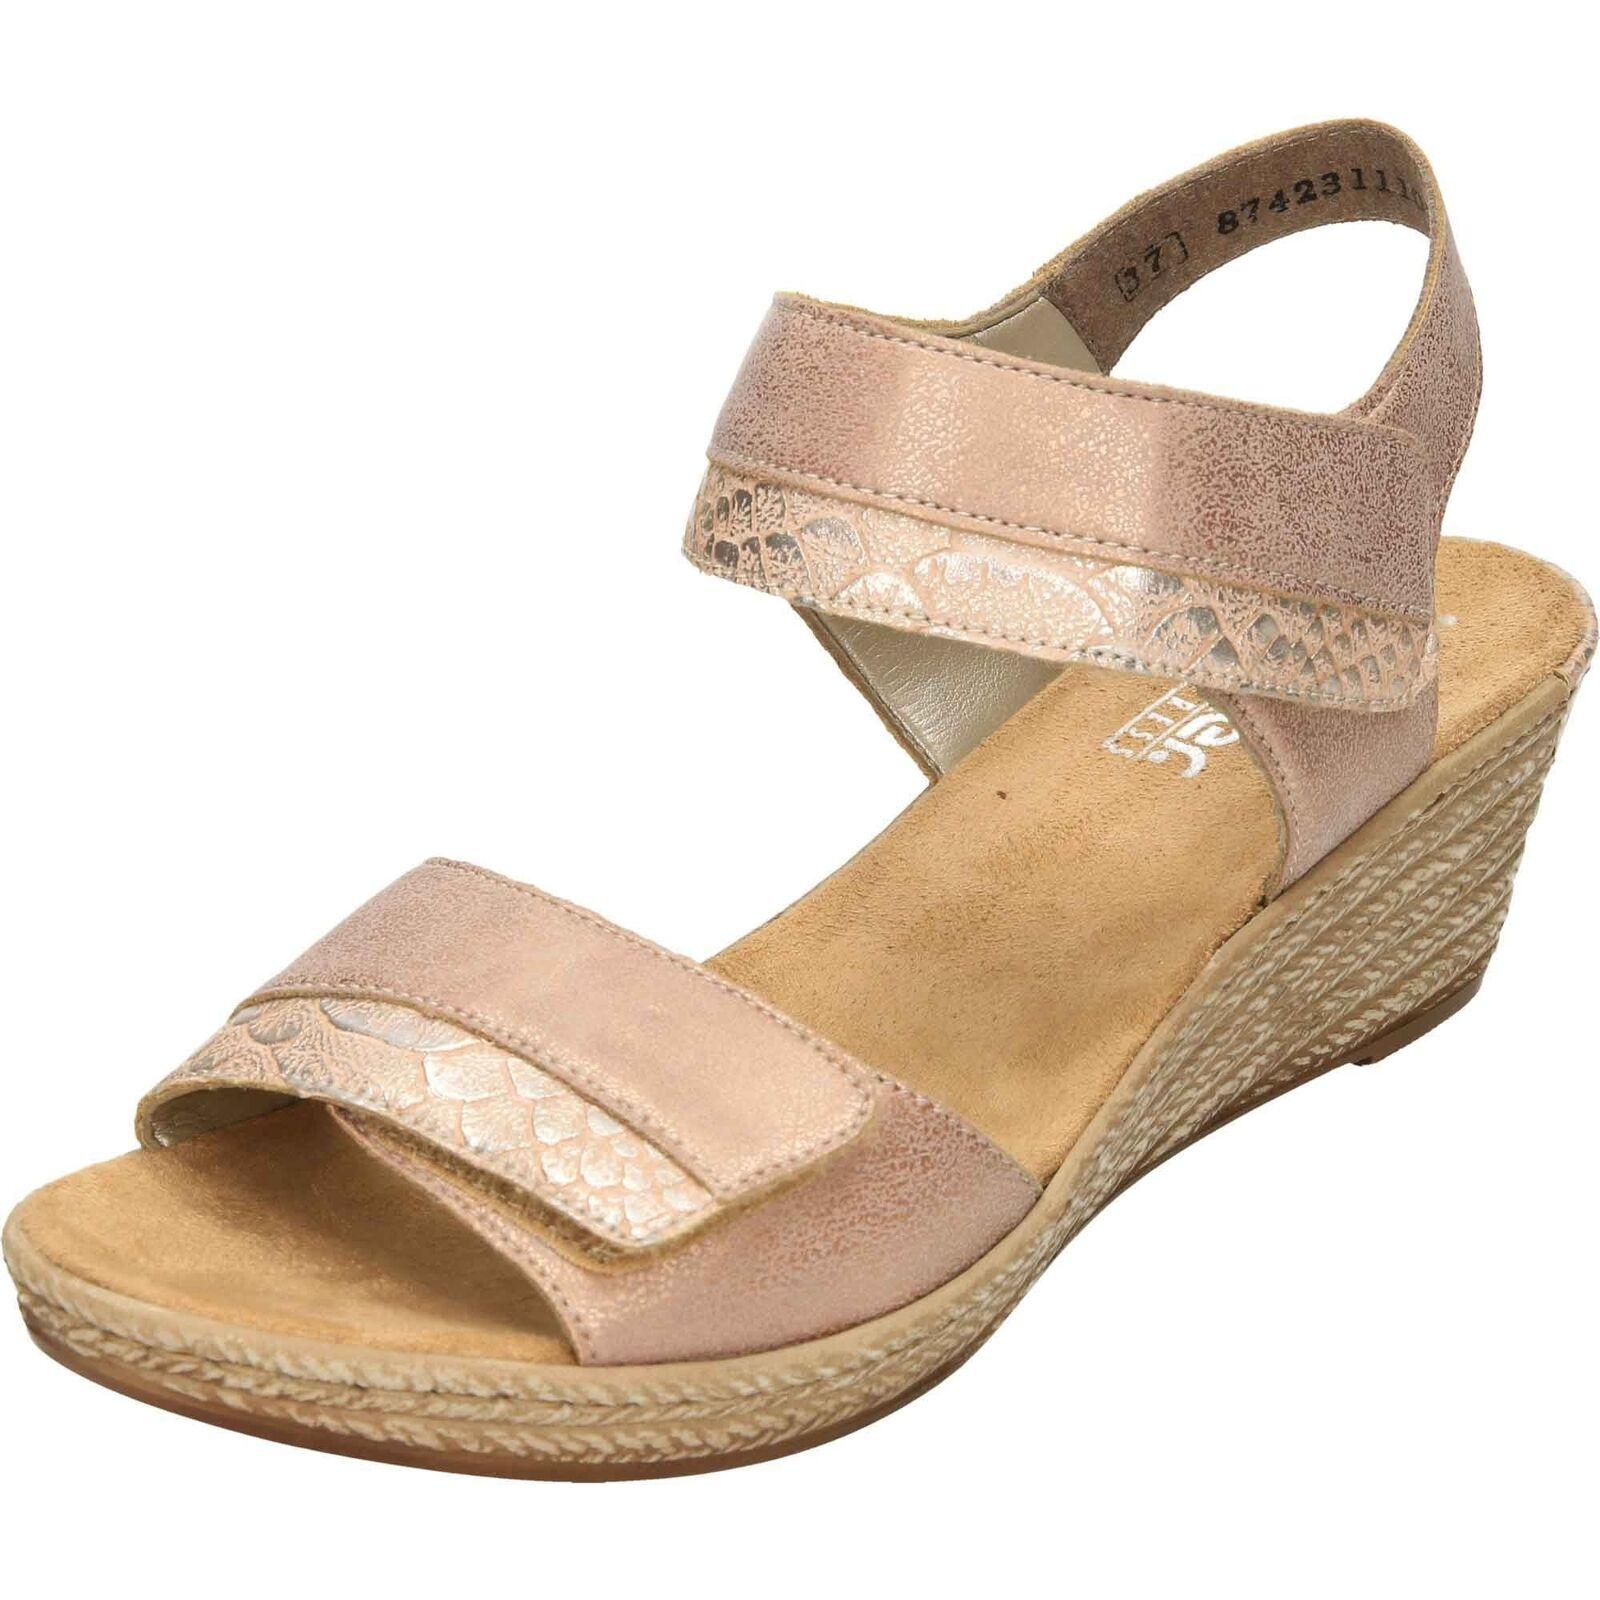 Rieker Et Talon Compensé Plateforme Bout Ouvert Sandales 62470-31 Metallic Rose Décontracté Chaussures